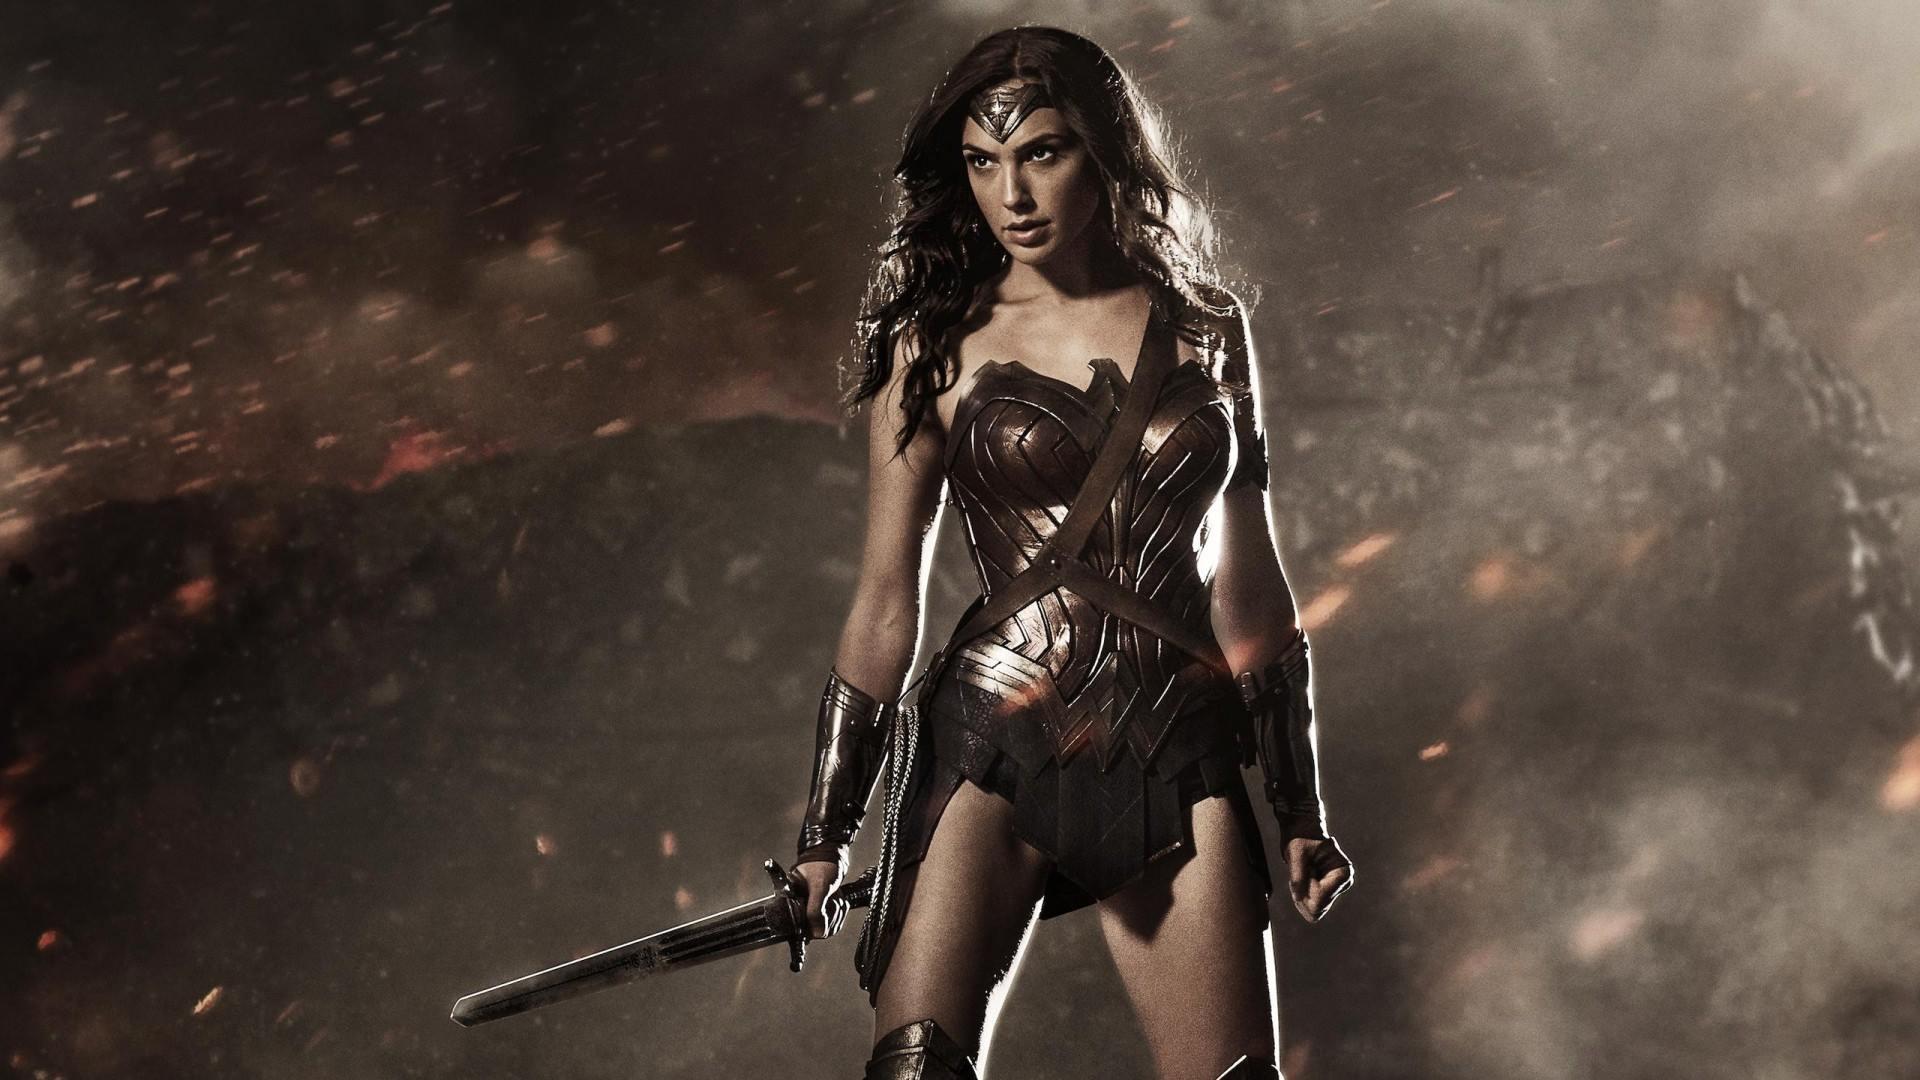 Imagem do filme Mulher-Maravilha (ou Wonder Woman). Na imagem, a atriz Gal Gadot interpreta a heroína.